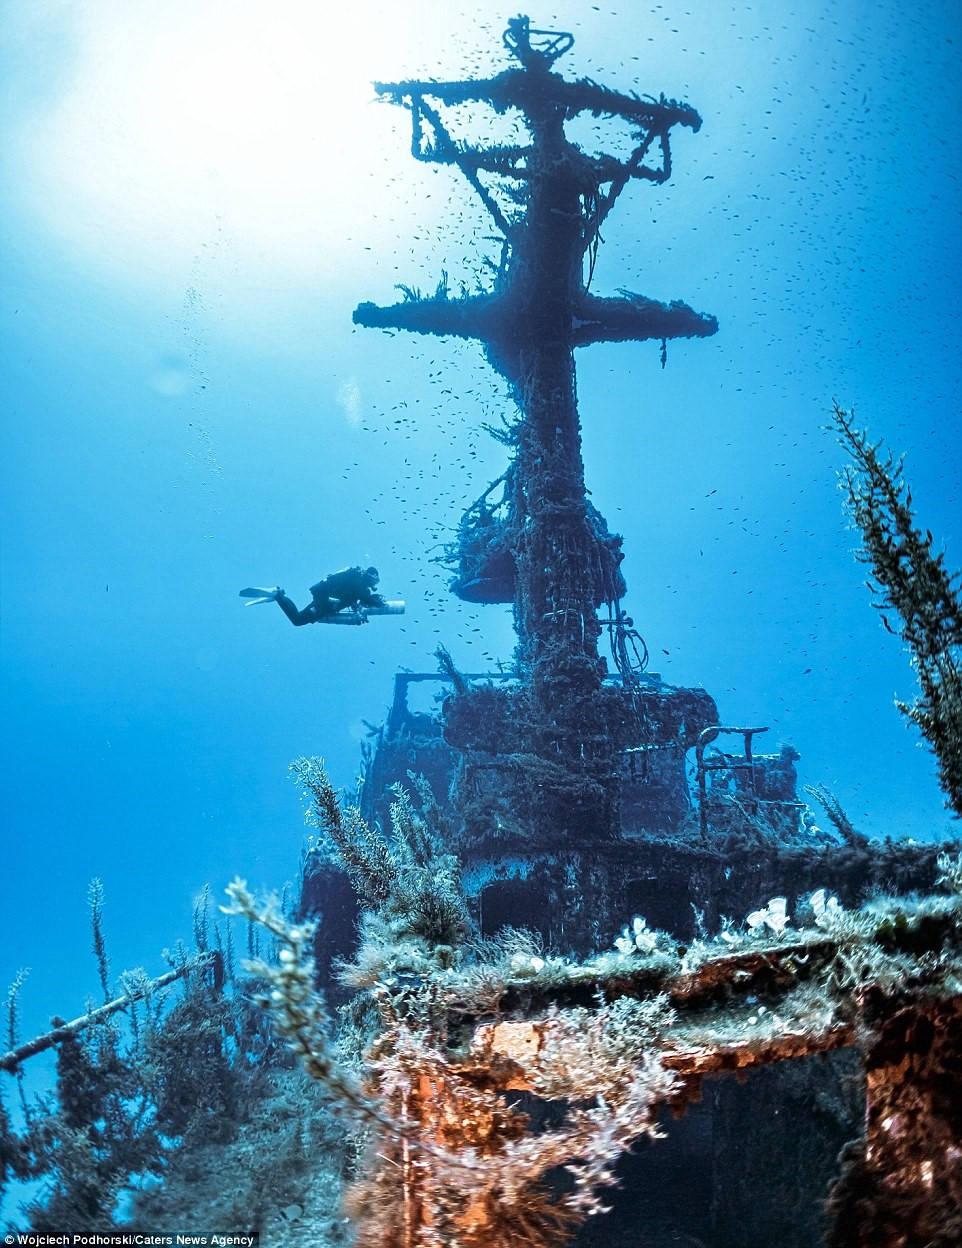 Các sinh vật biển nhiều màu đã xâm chiếm xác tàu P29.